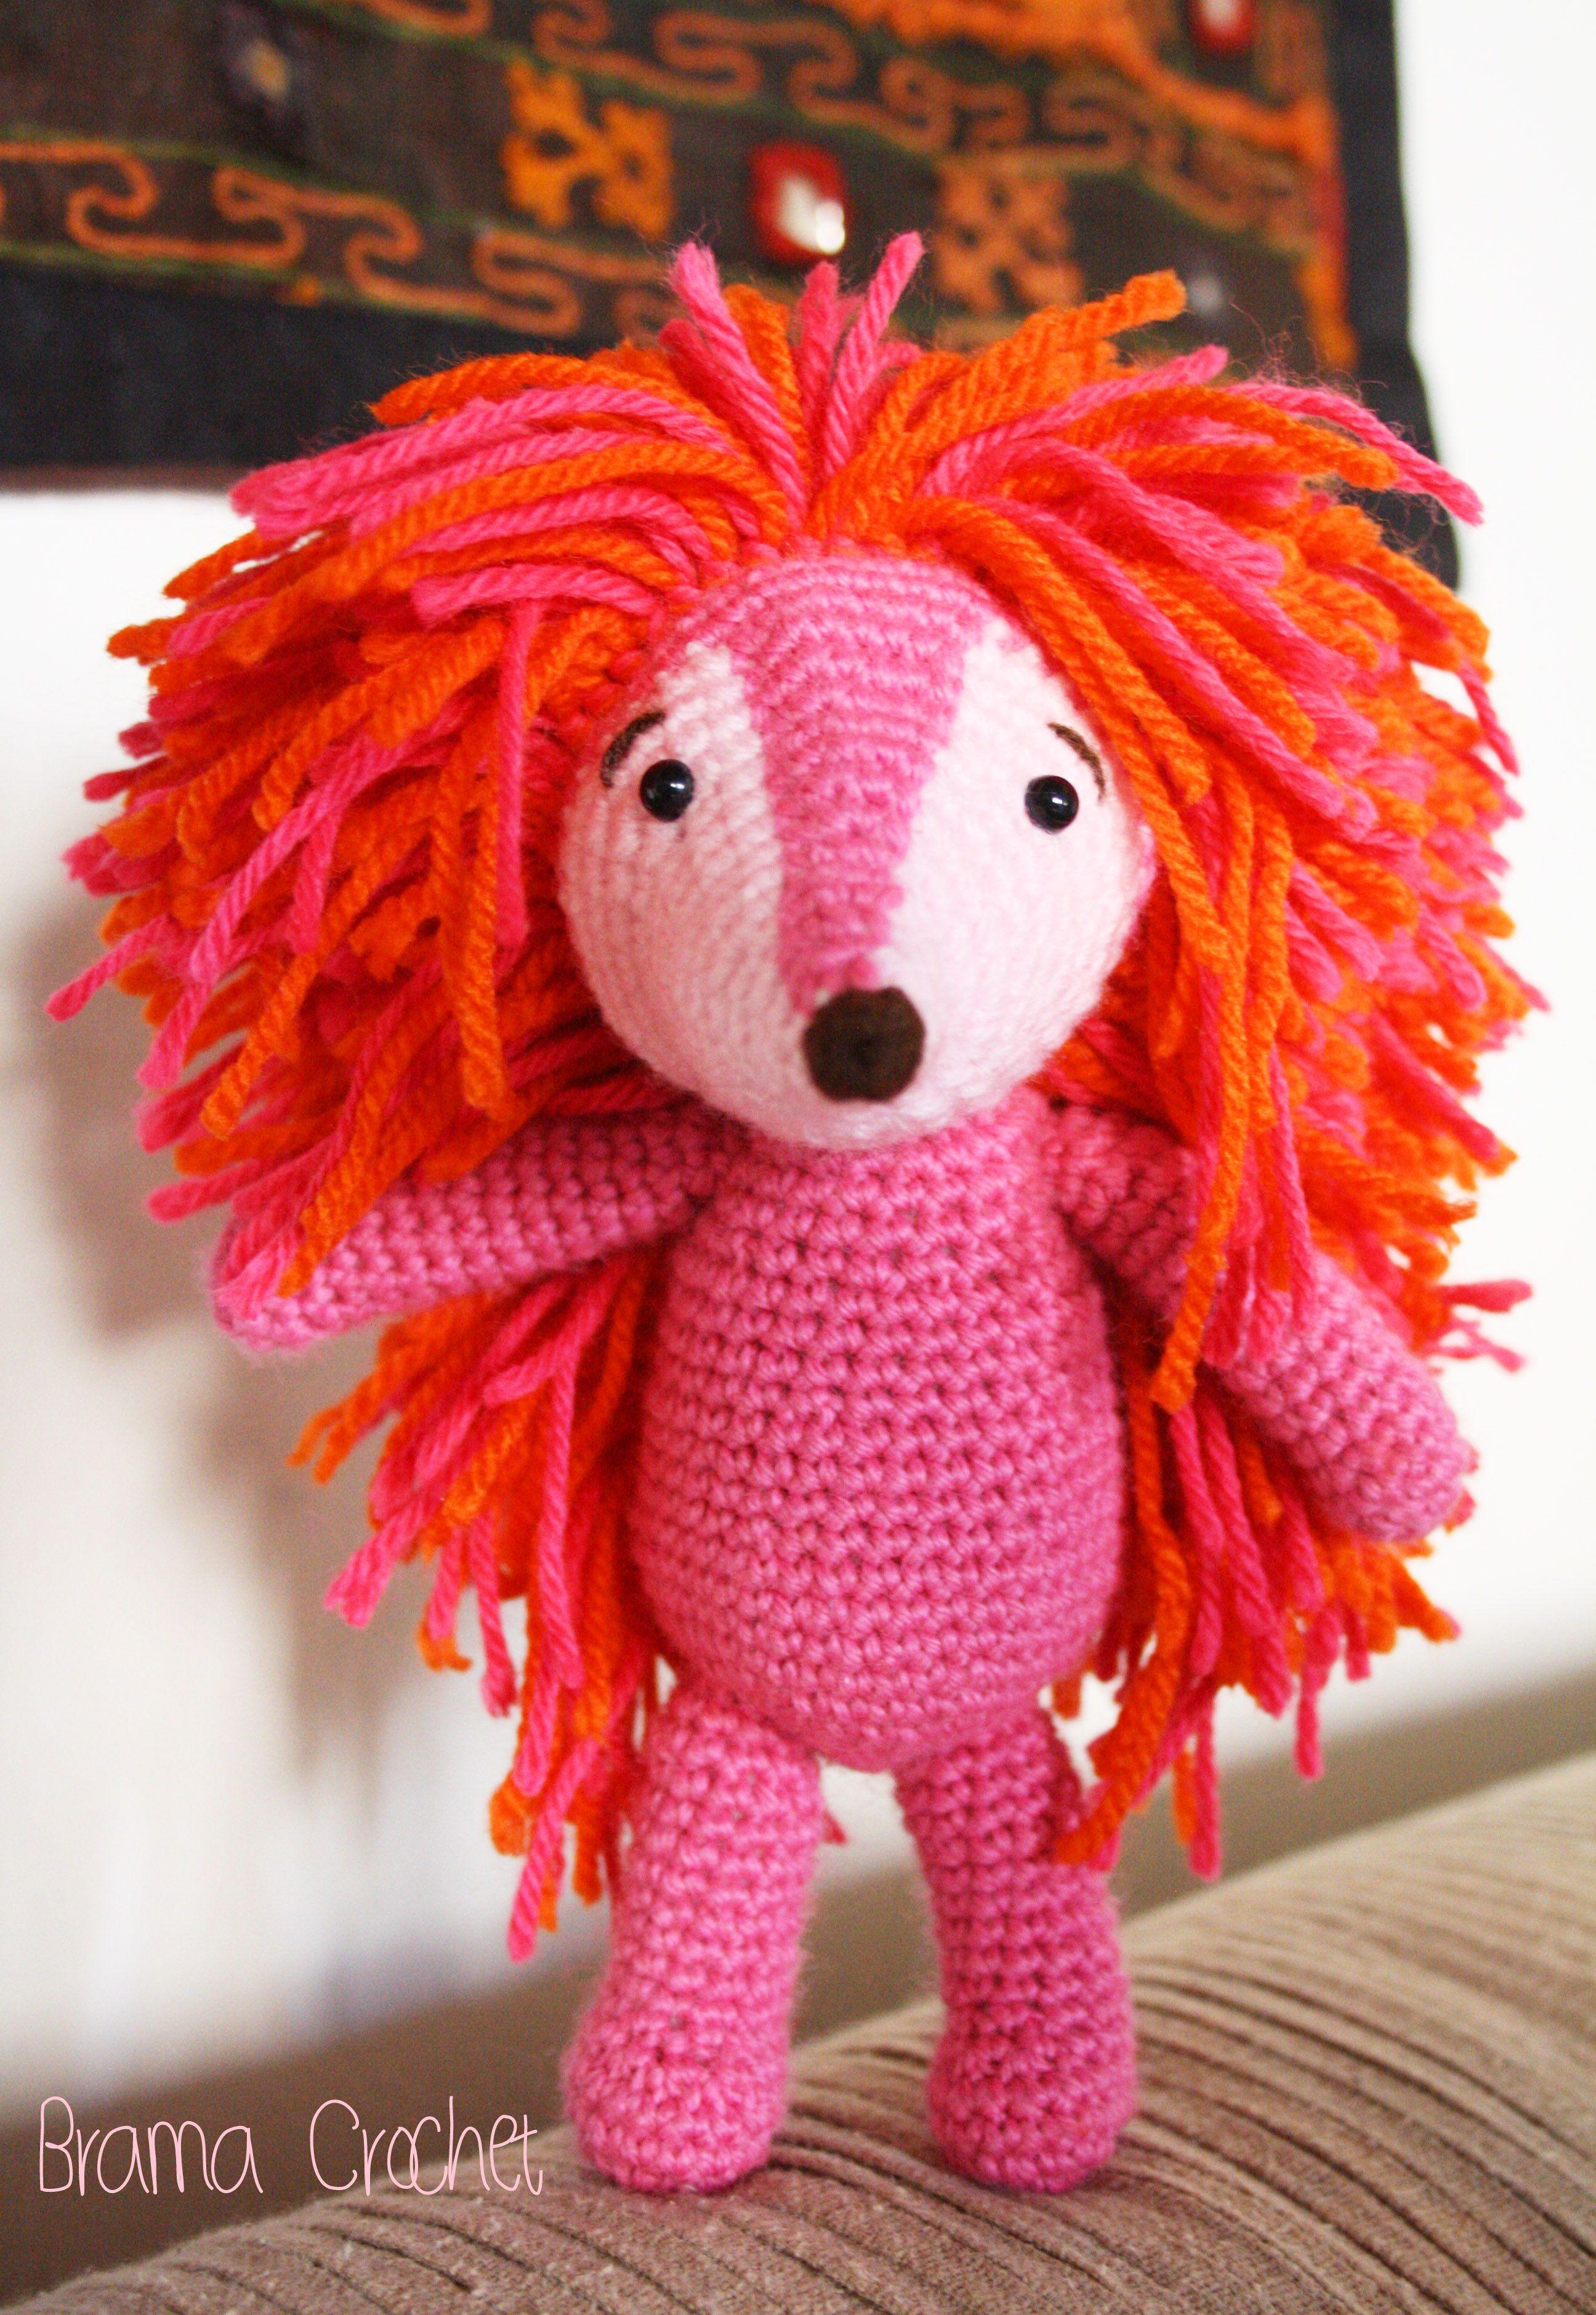 Espinete by Brama Crochet (amigurumi crochet doll espinete Barrio Sésamo)